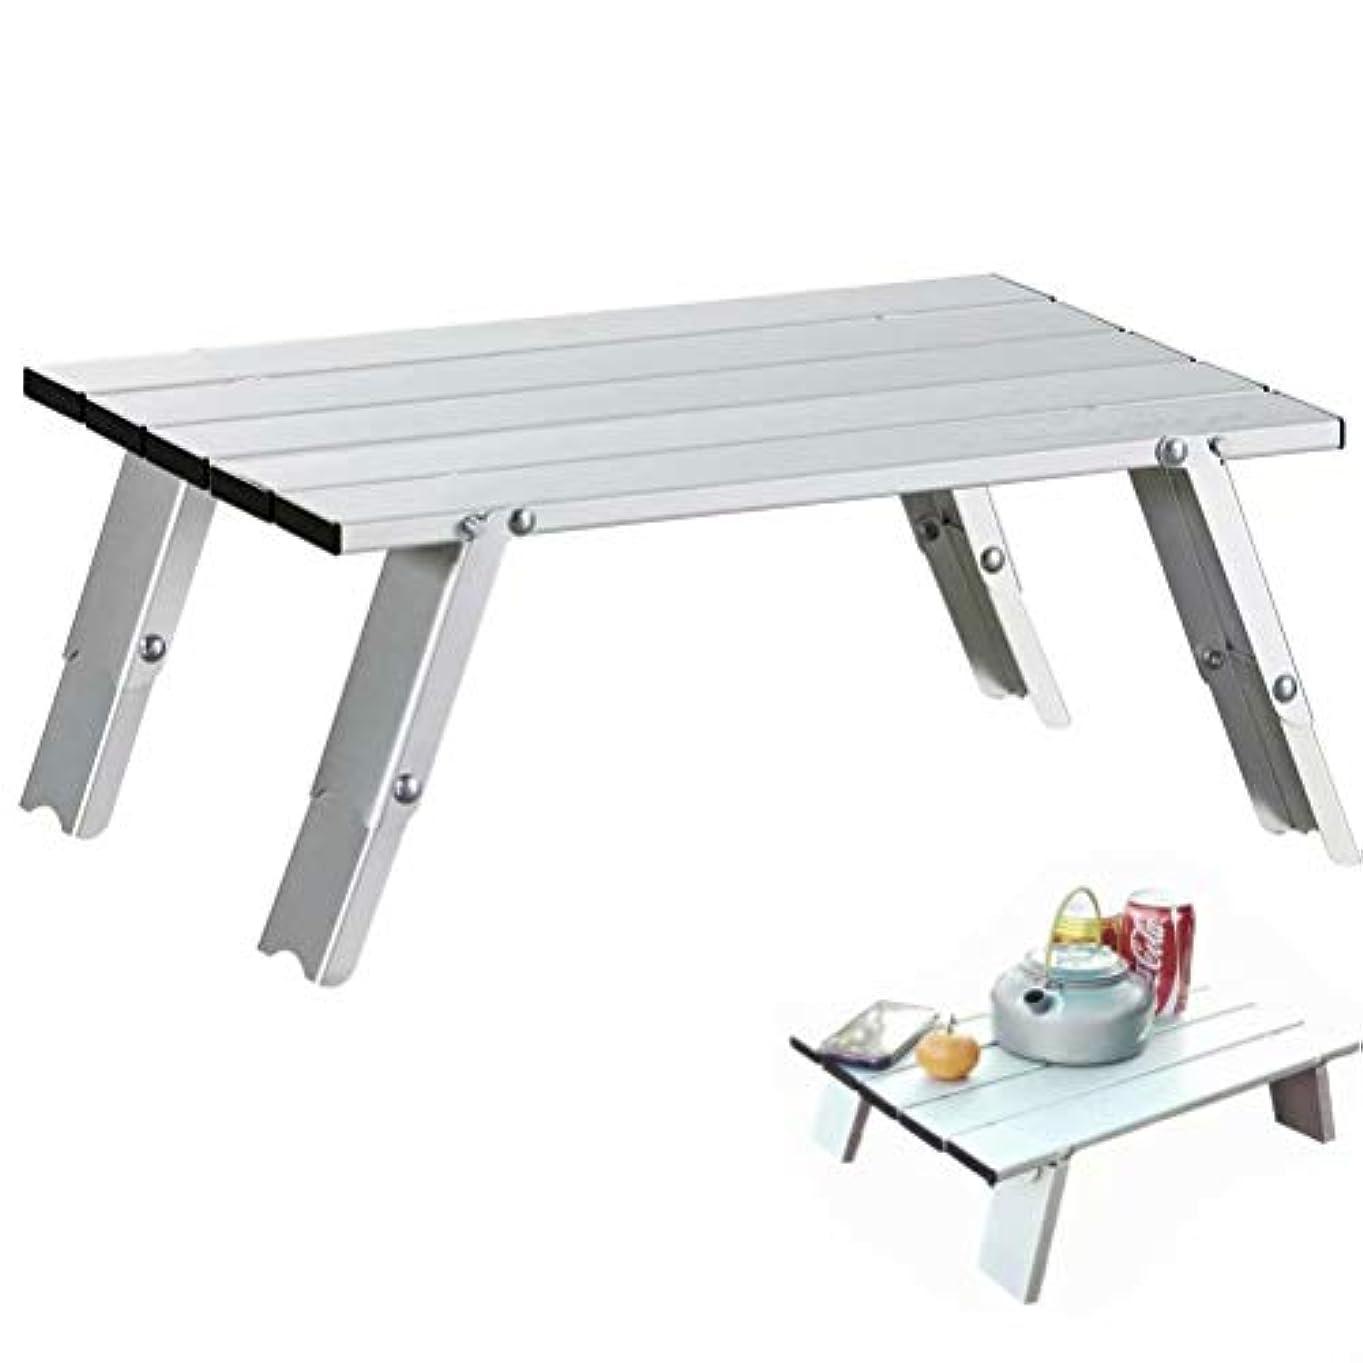 お客様それからサスペンドアルミロールテーブル テーブル 折りたたみ アウトドア キャンプ用品 ミニテーブル ロールテーブル